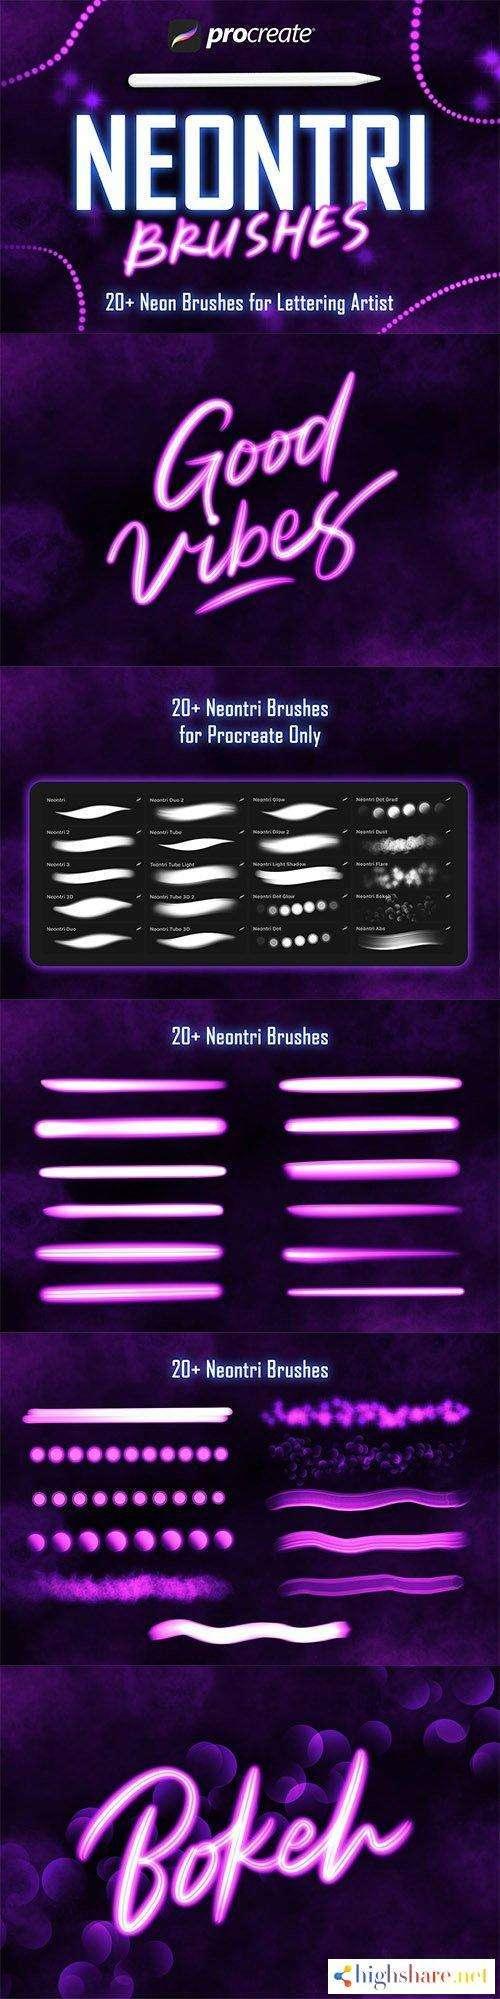 neontri brushes procreate brush 5f4a0e8876b58 - Neontri Brushes - Procreate Brush